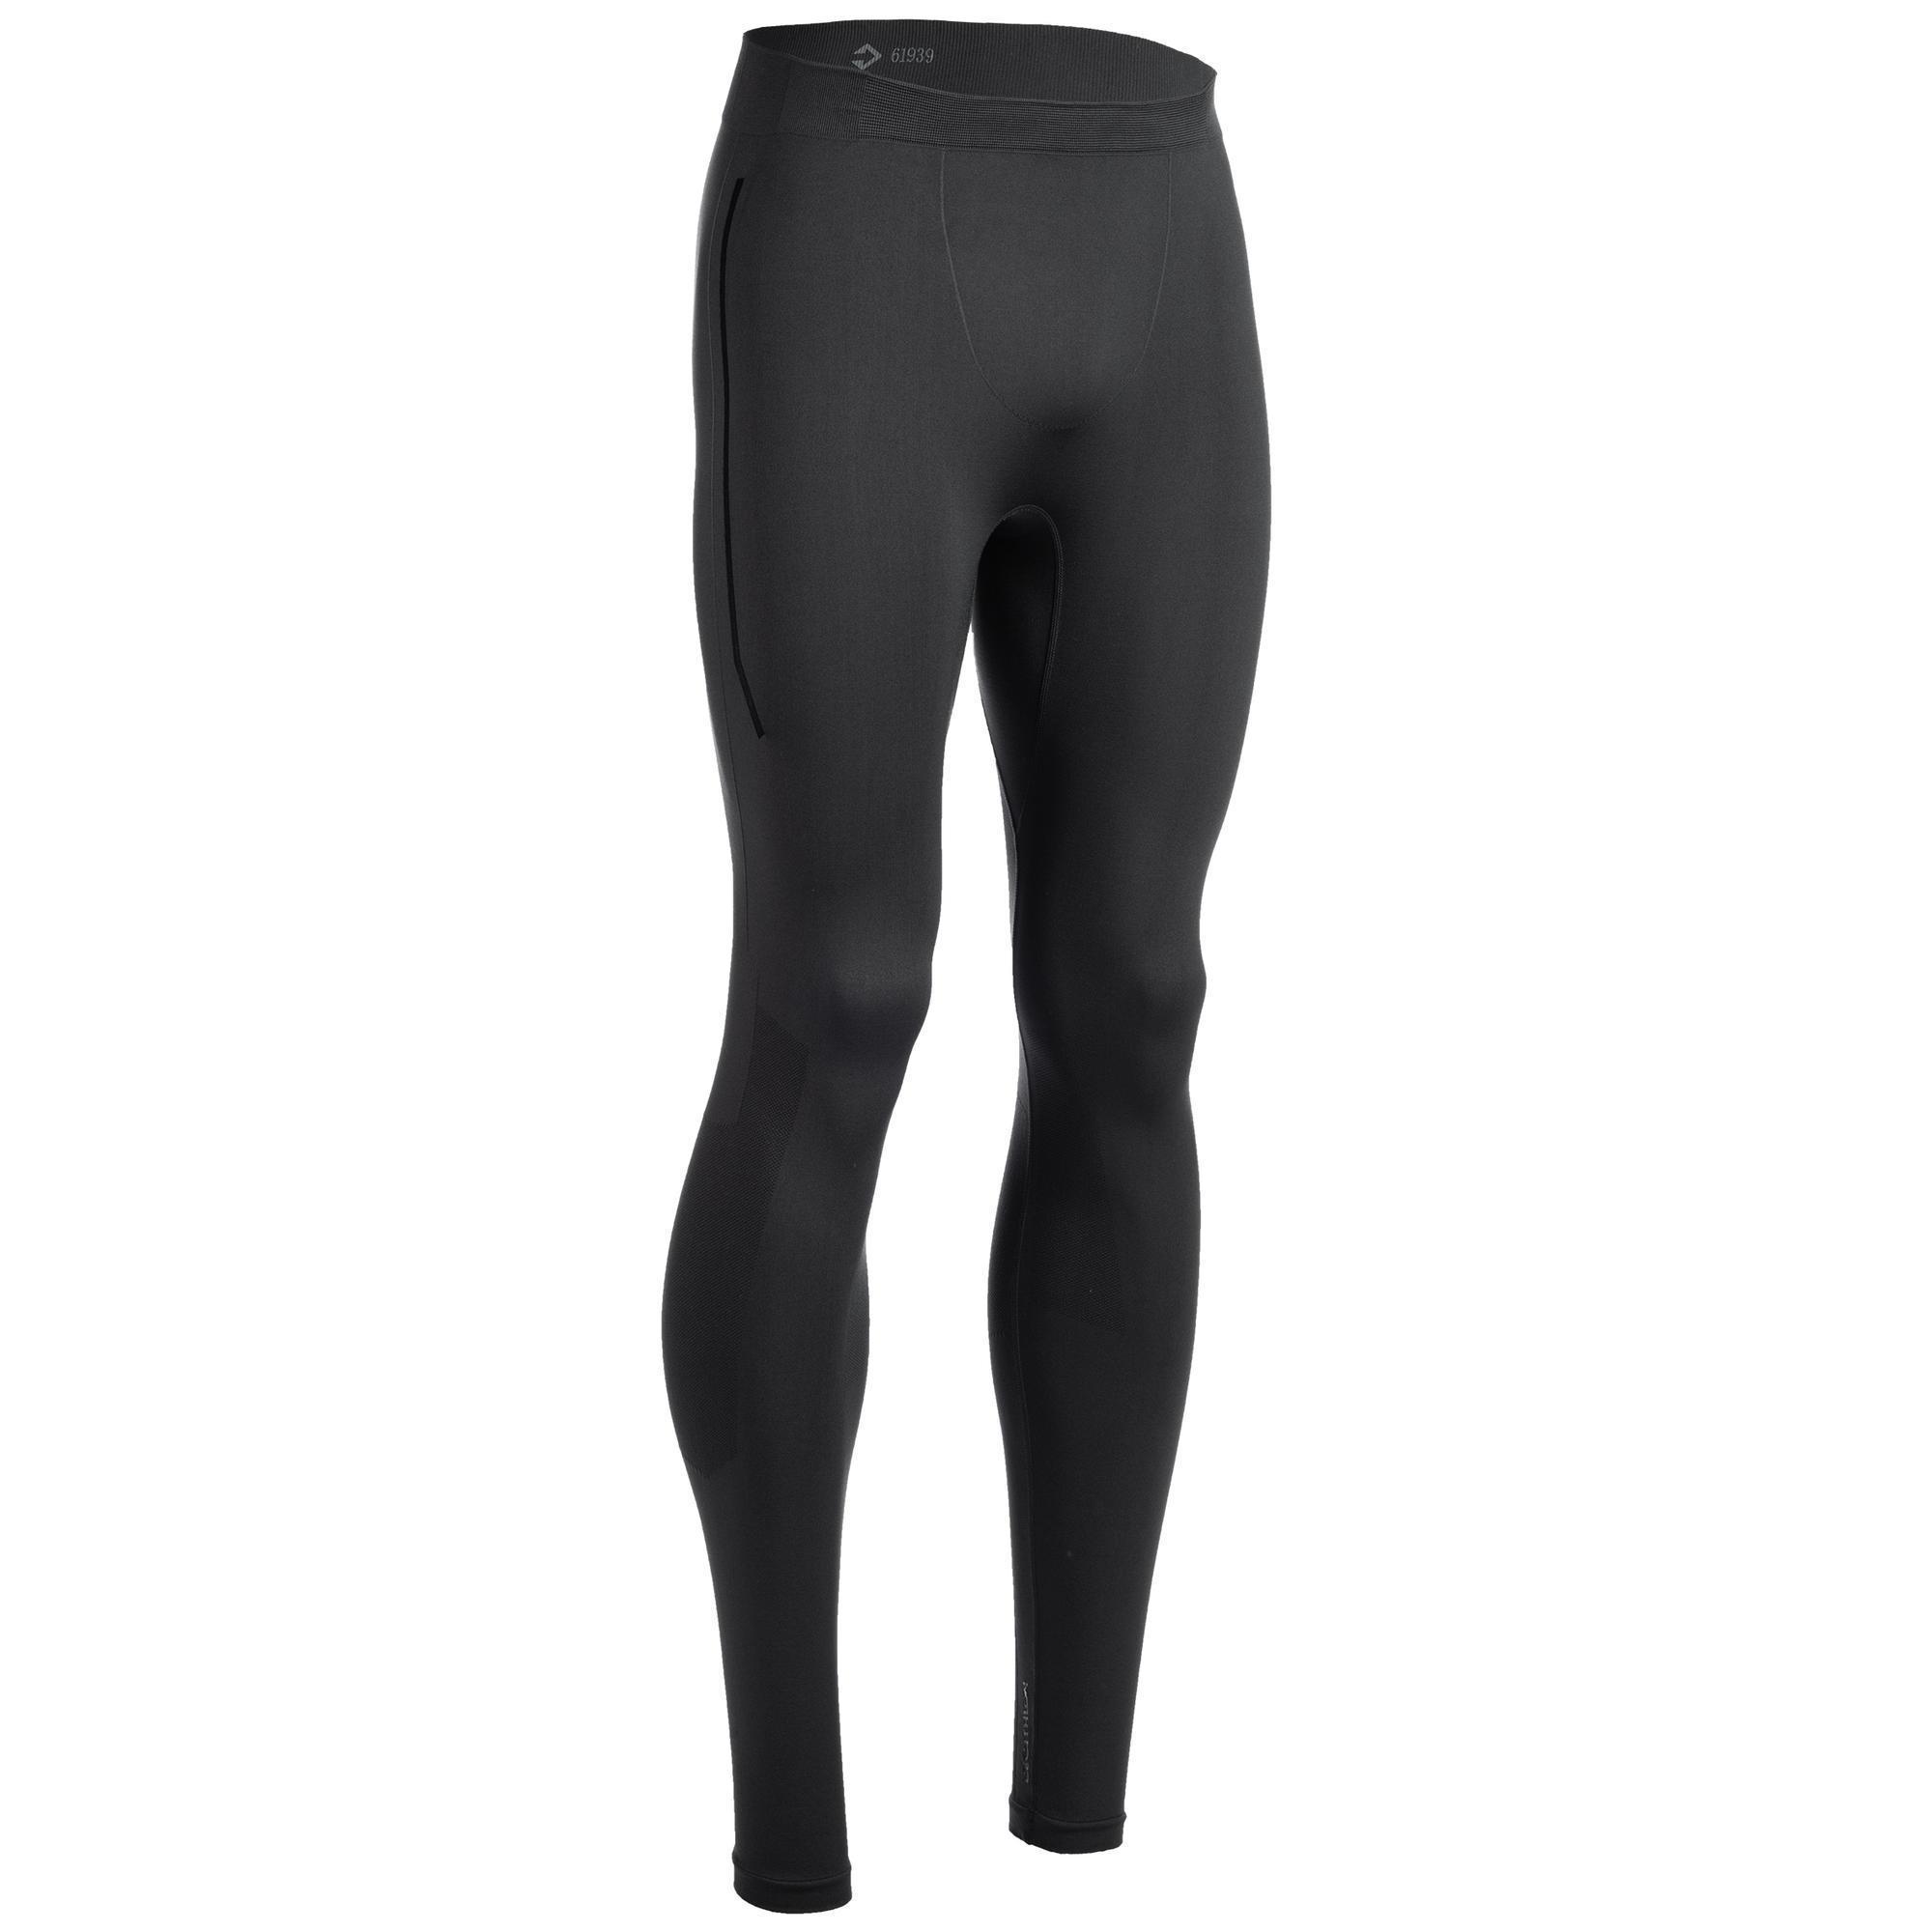 the best brand new sale uk Leggings